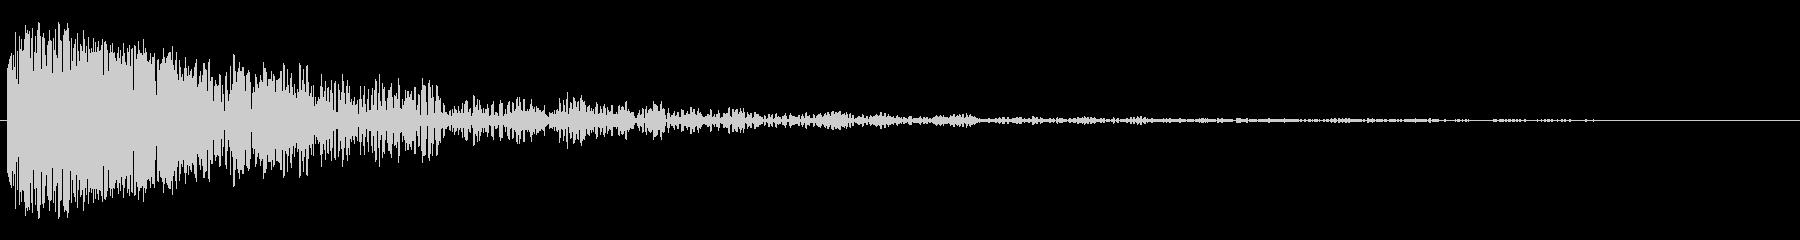 ダーン(インパクトのある音)の未再生の波形